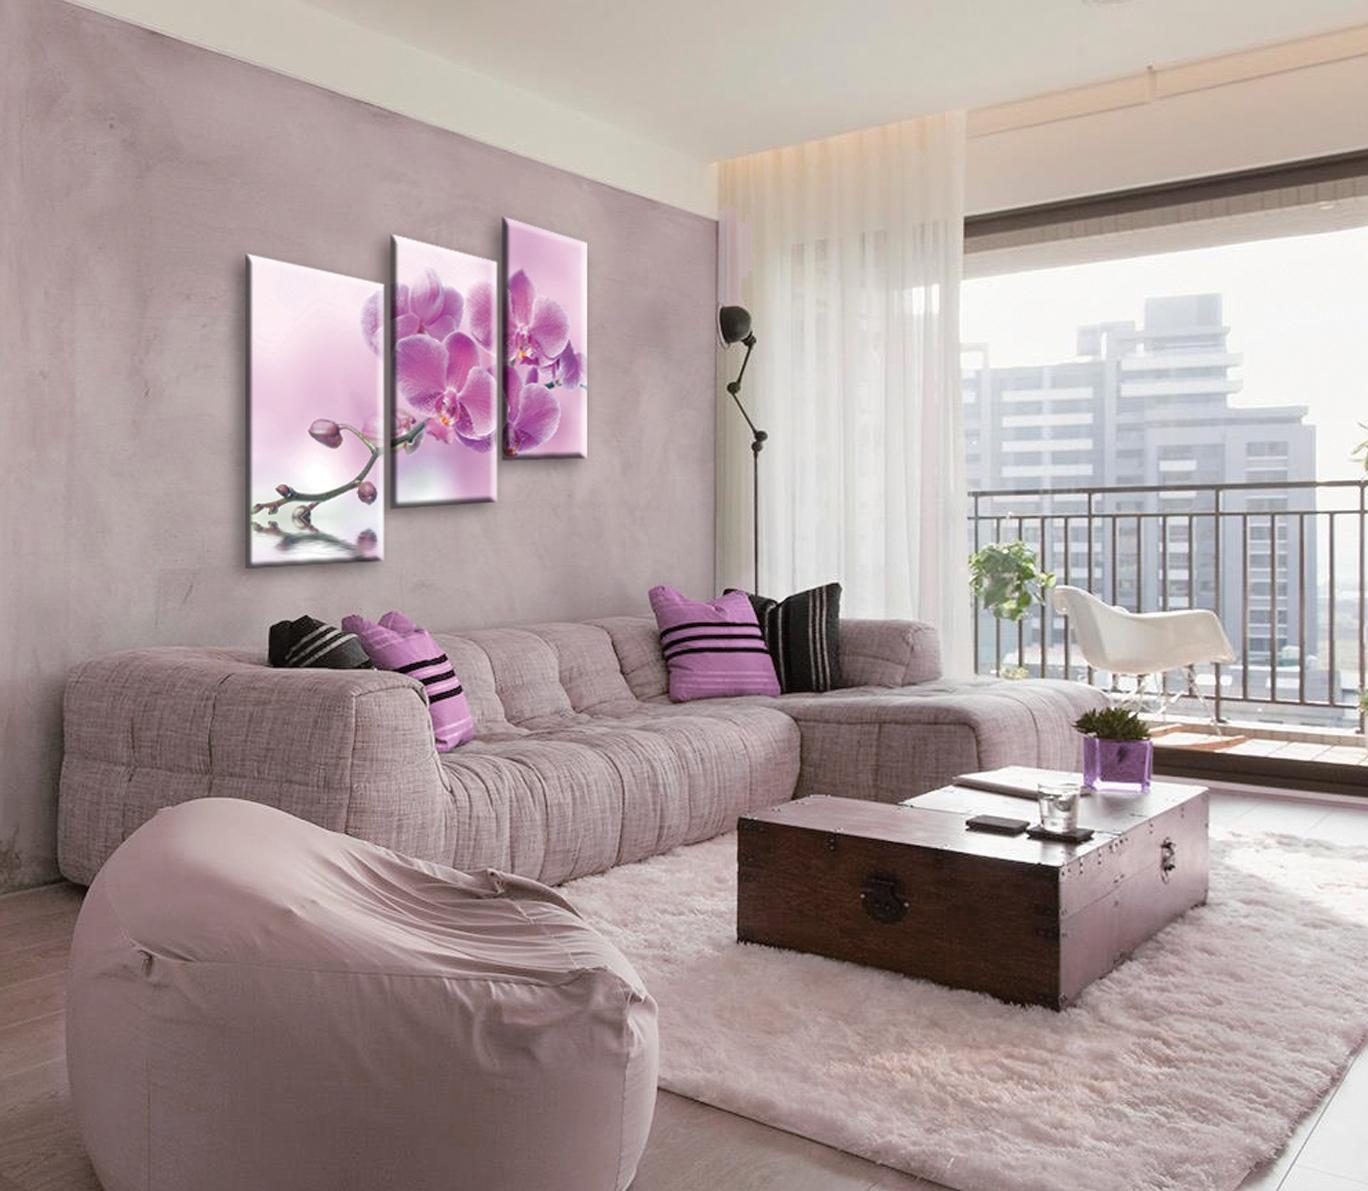 Модульная картина фиолетового цвета